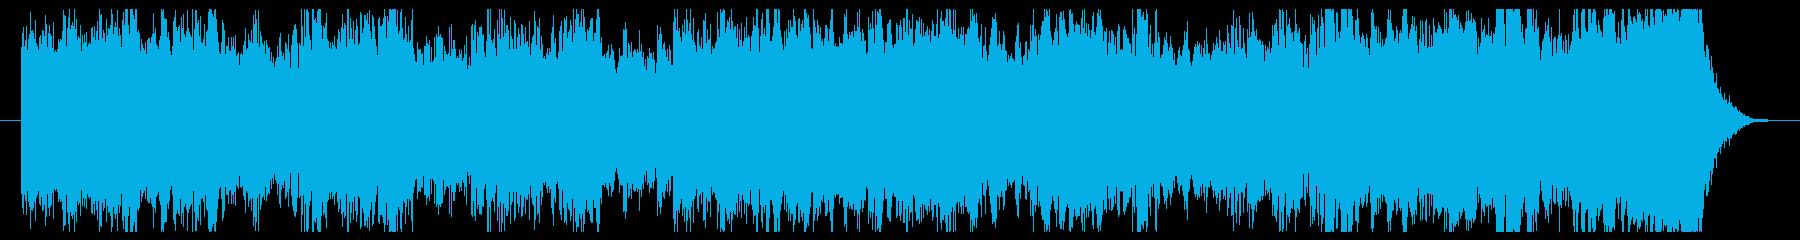 期待・緊張を感じるオープニング向けBGMの再生済みの波形